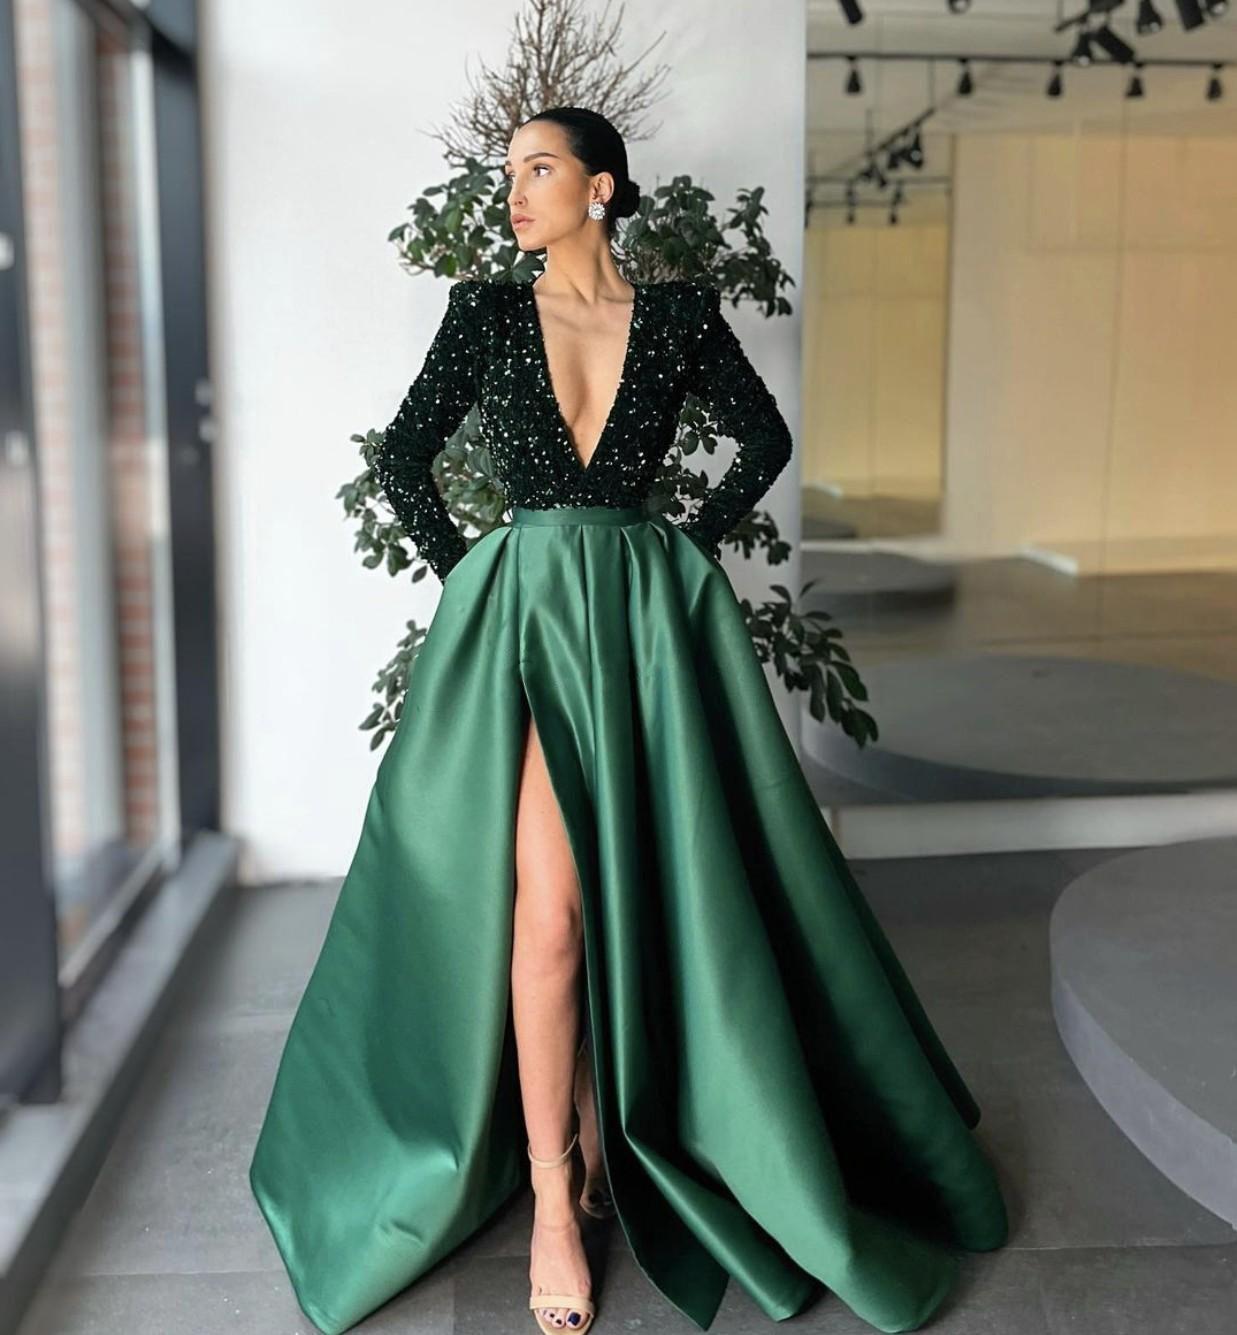 2021 robes de soirée élégantes vert foncé avec manches longues Dubaï paillettes arabes Satin robe de bal robe de soirée robe Deep V-cou haute scission